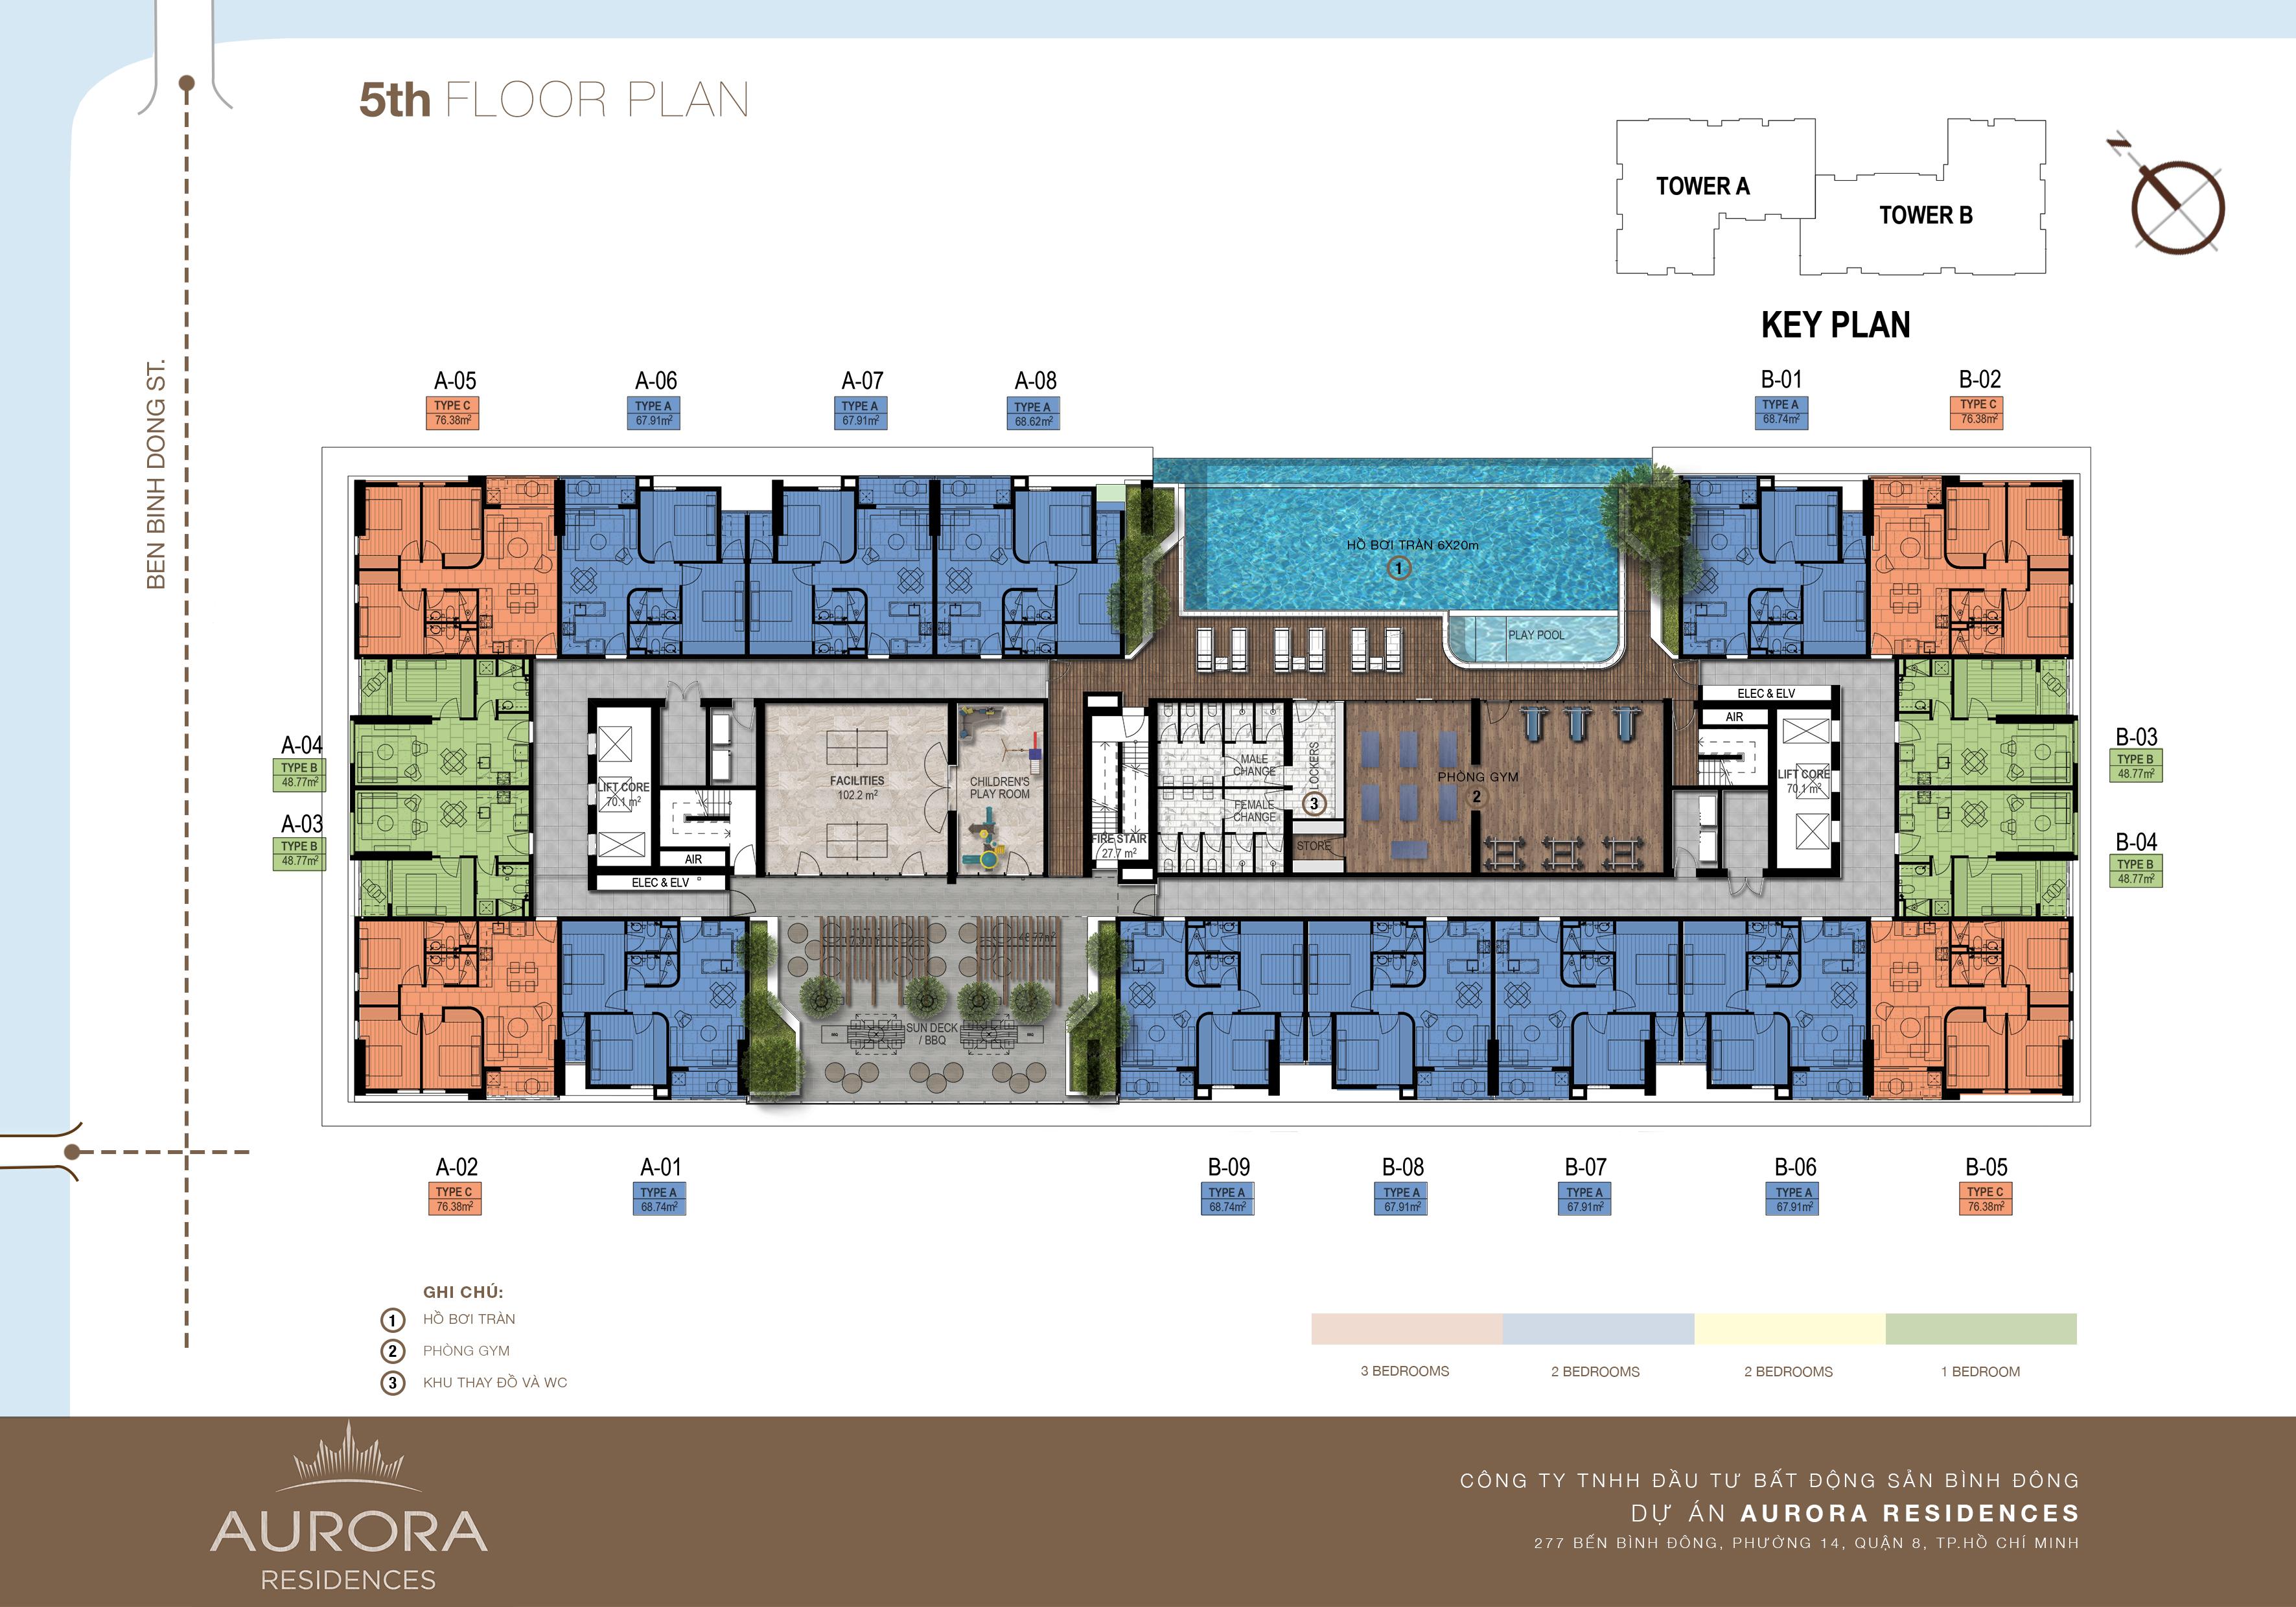 mặt bằng căn hộ  aurora quân 8tầng 6 đến tầng 25